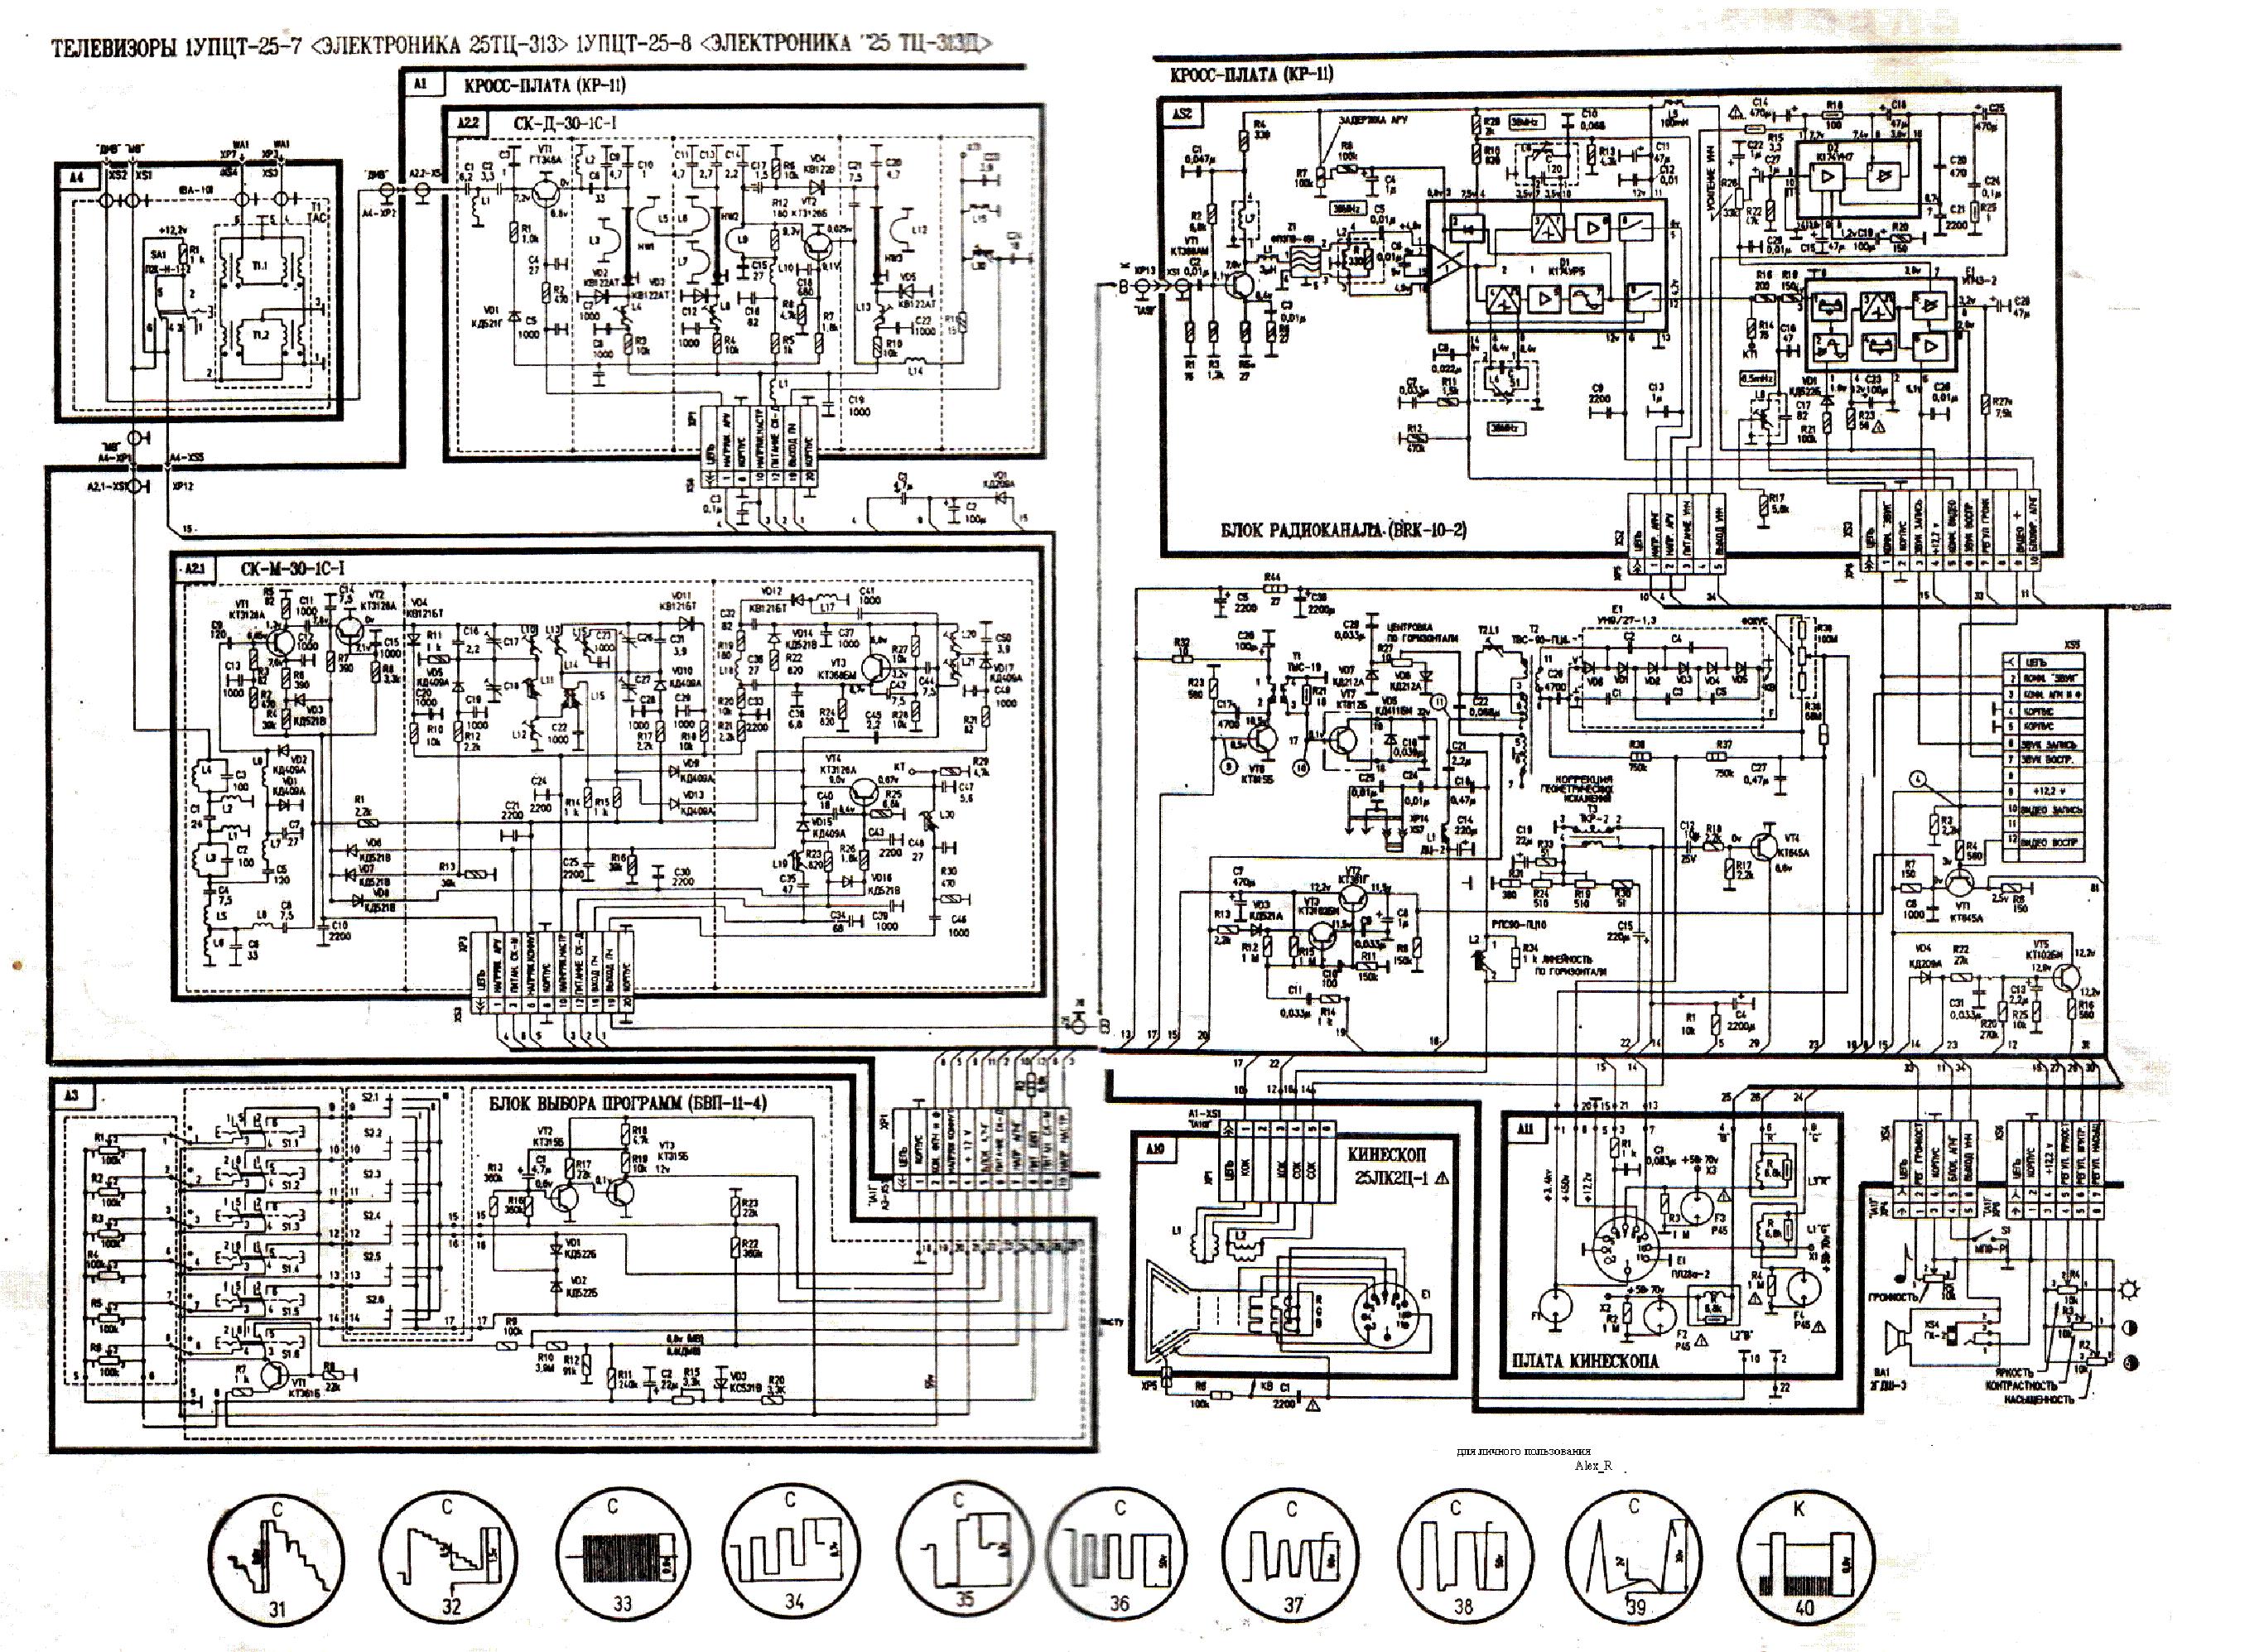 схема телевизора электроника 23 тб-316в